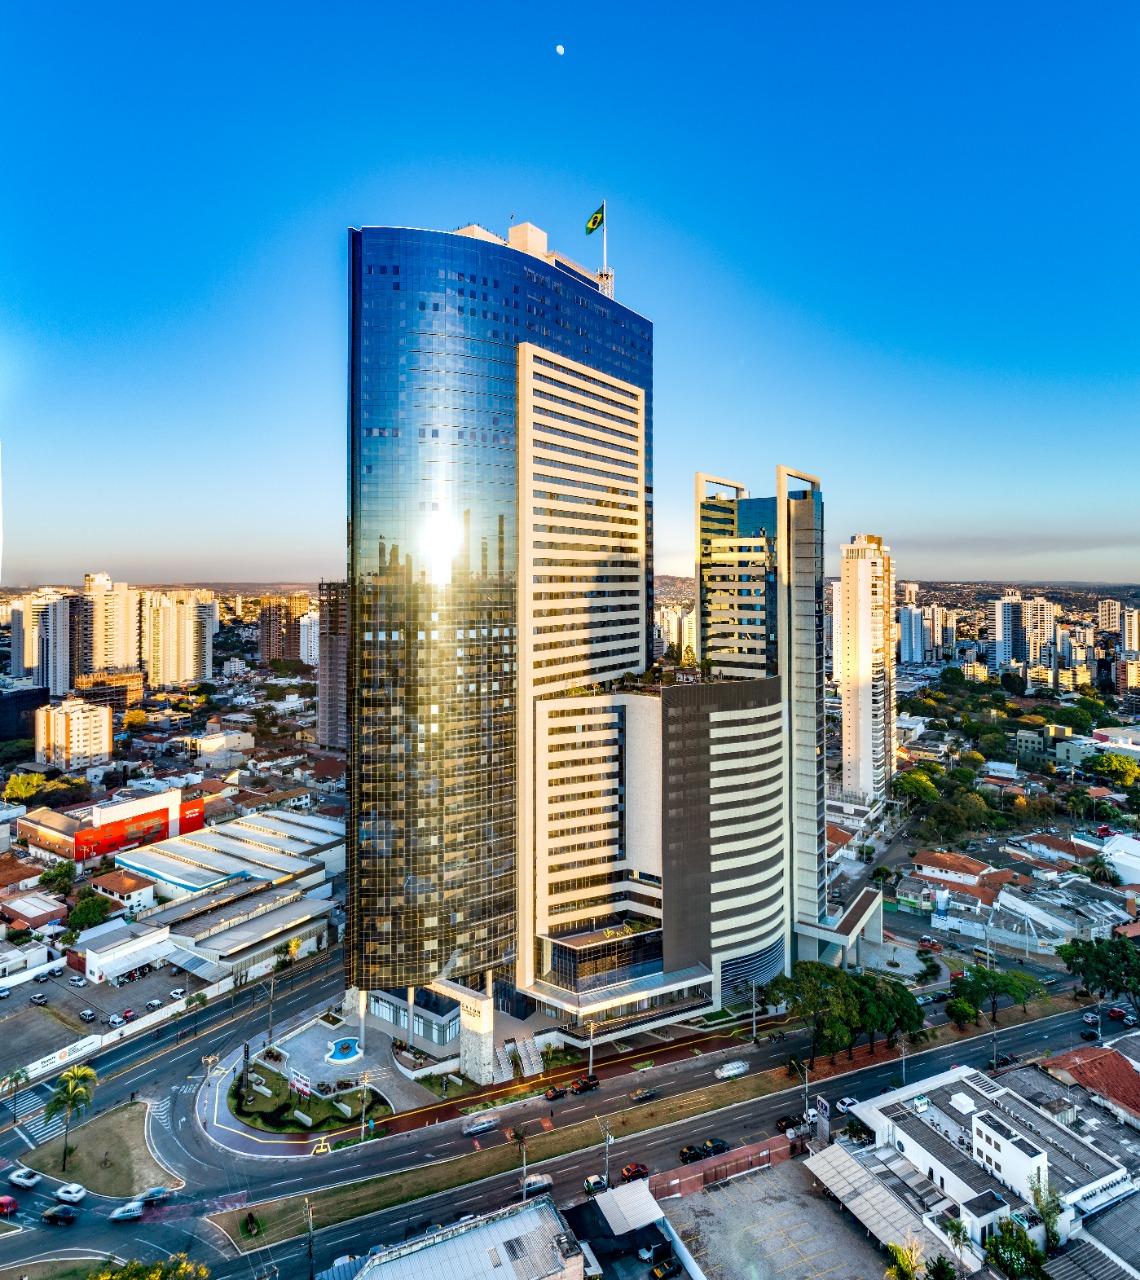 Goiânia terá primeira unidade da rede do Hospital Albert Einstein fora de São Paulo - Sagres Online